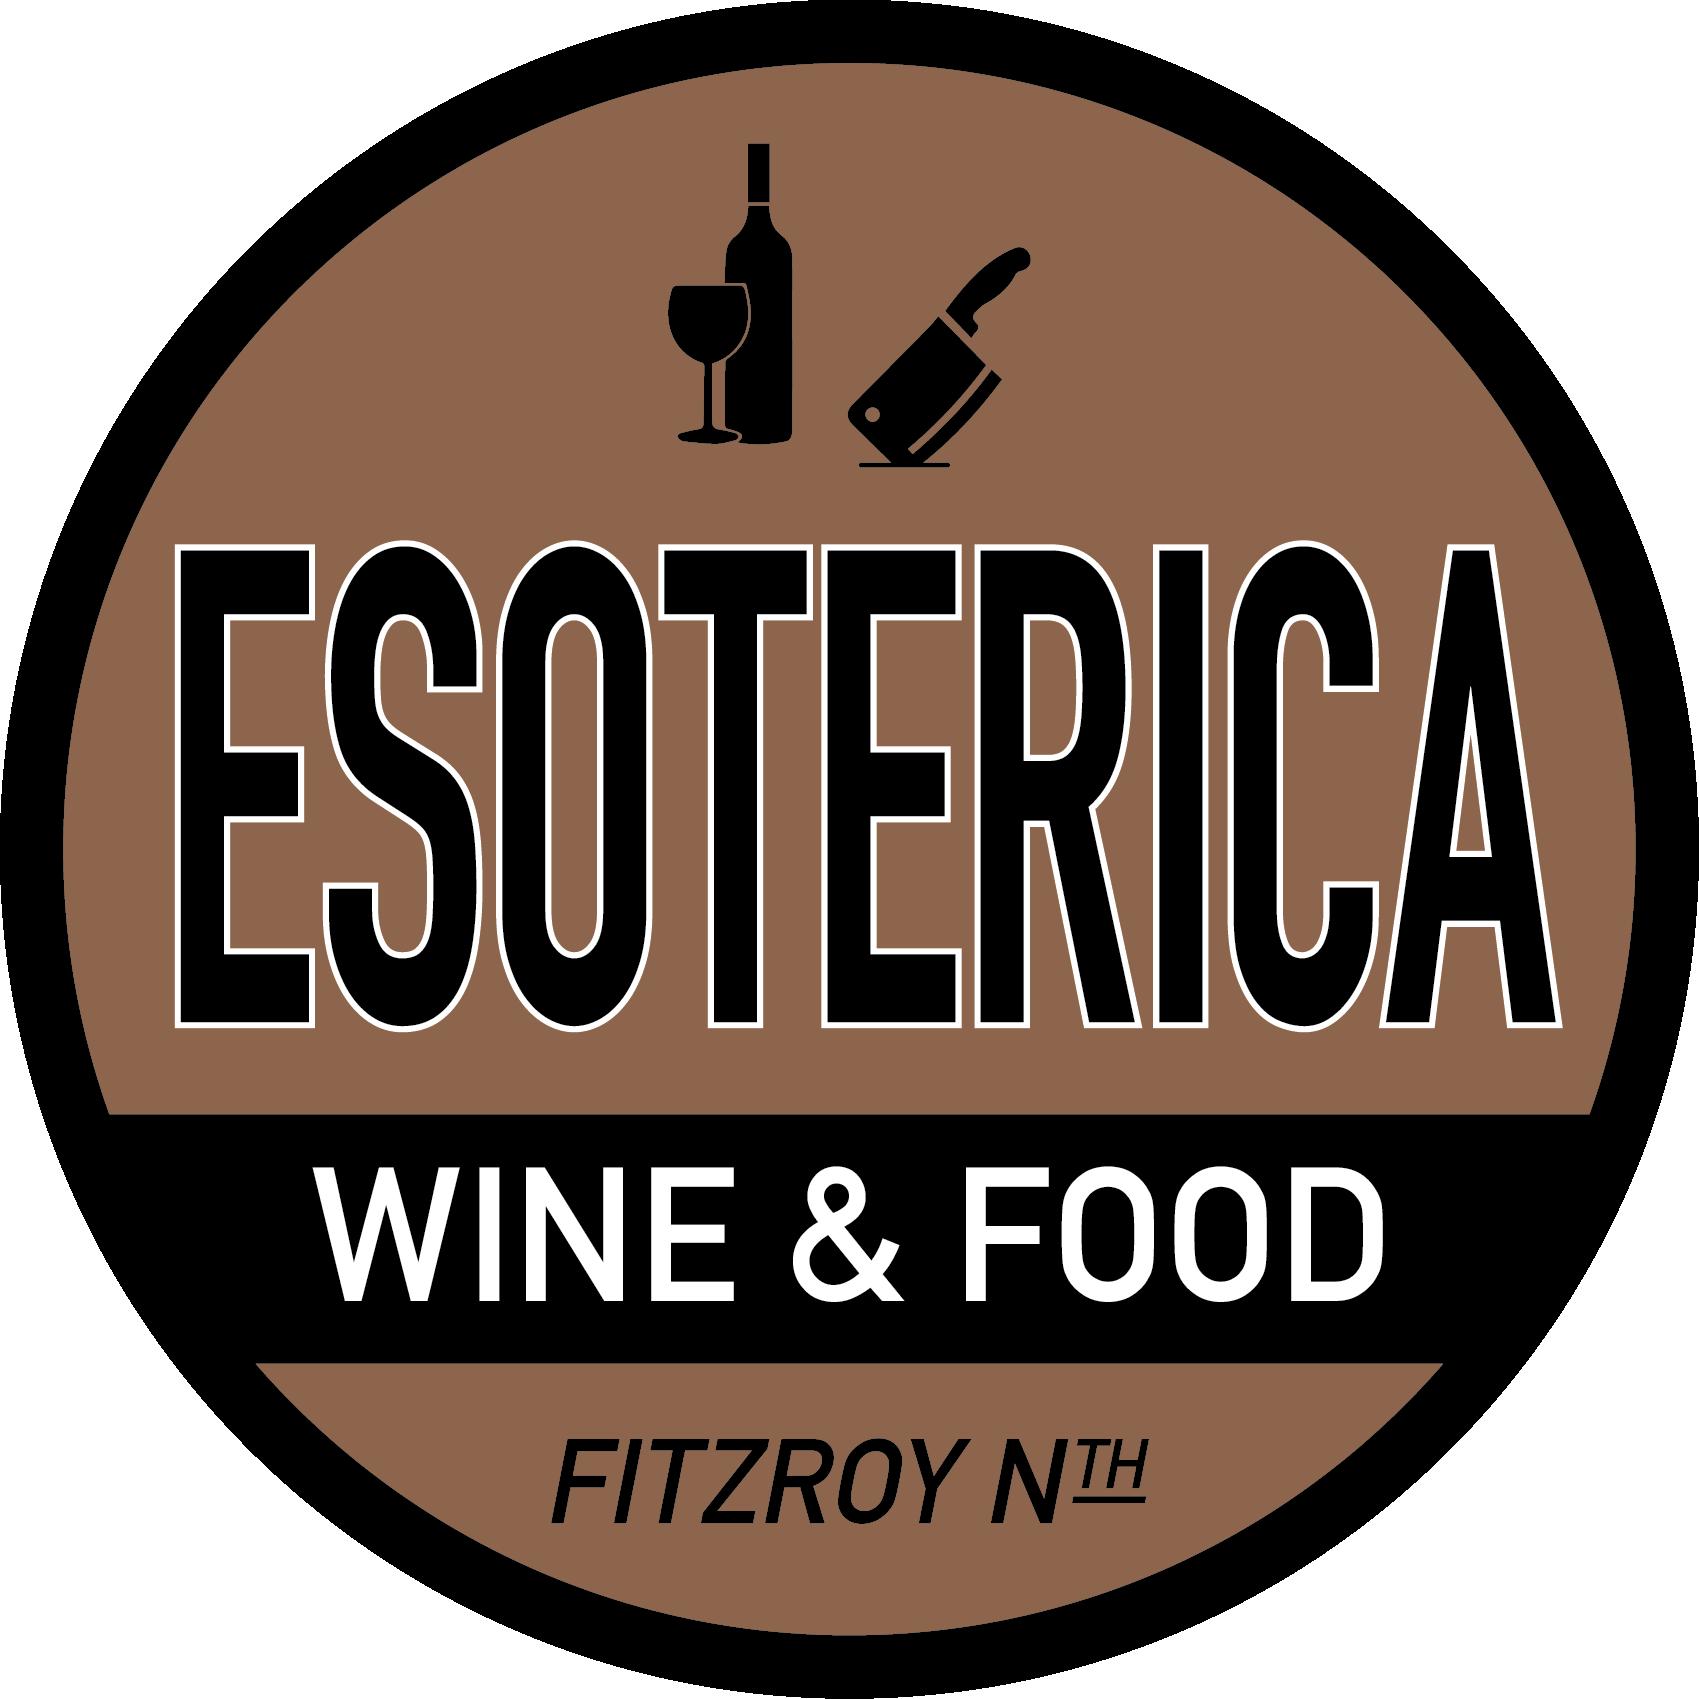 Esoterica Wine & Food